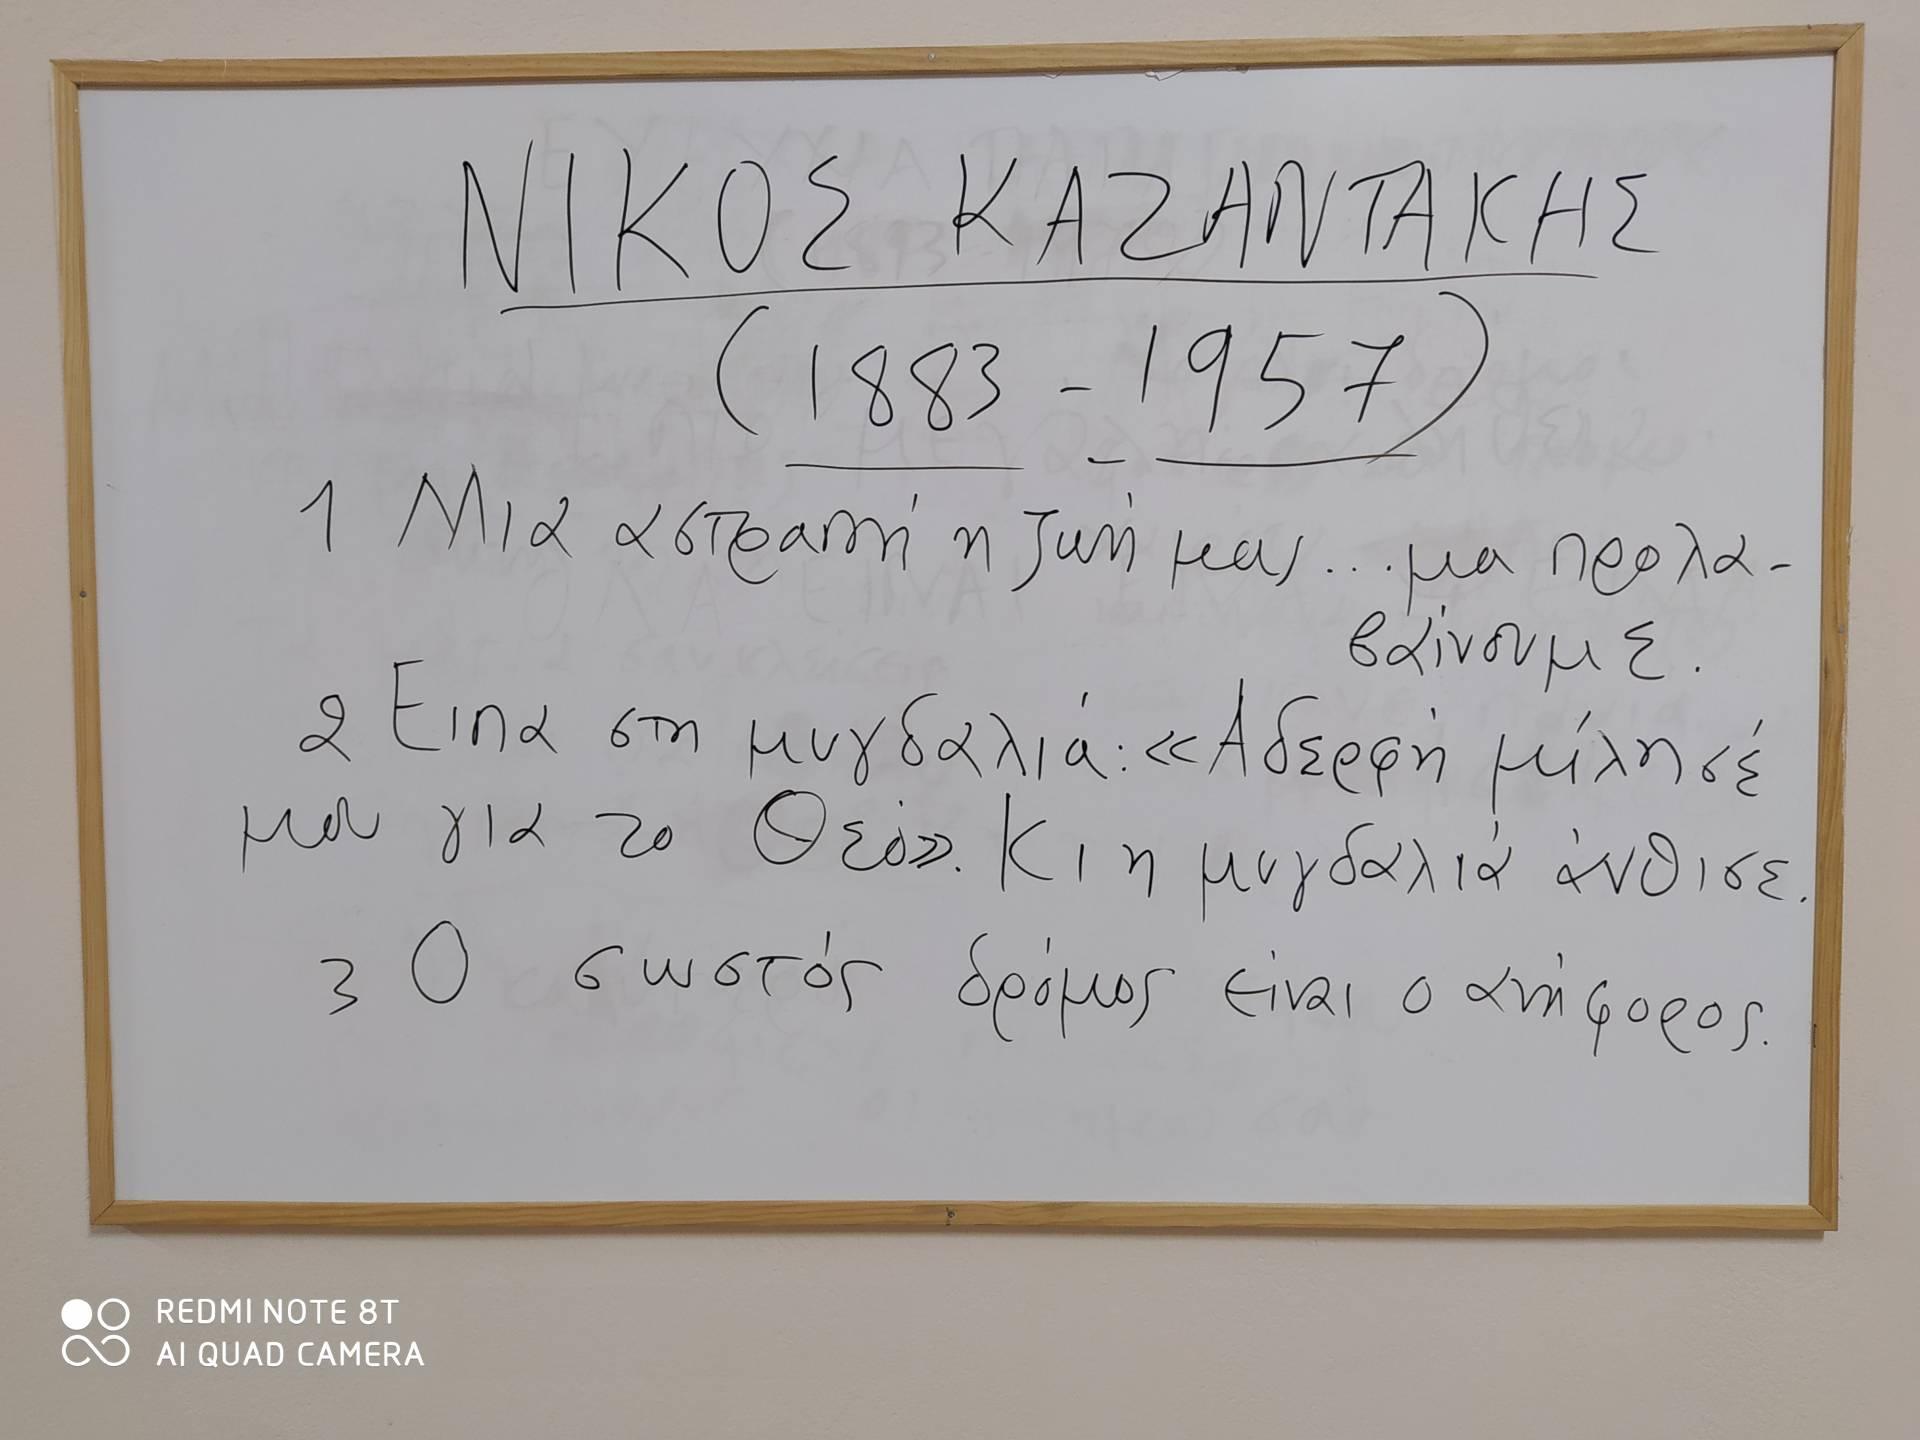 Η Απω-ανατολική ματιά του Ν. Καζαντζάκη